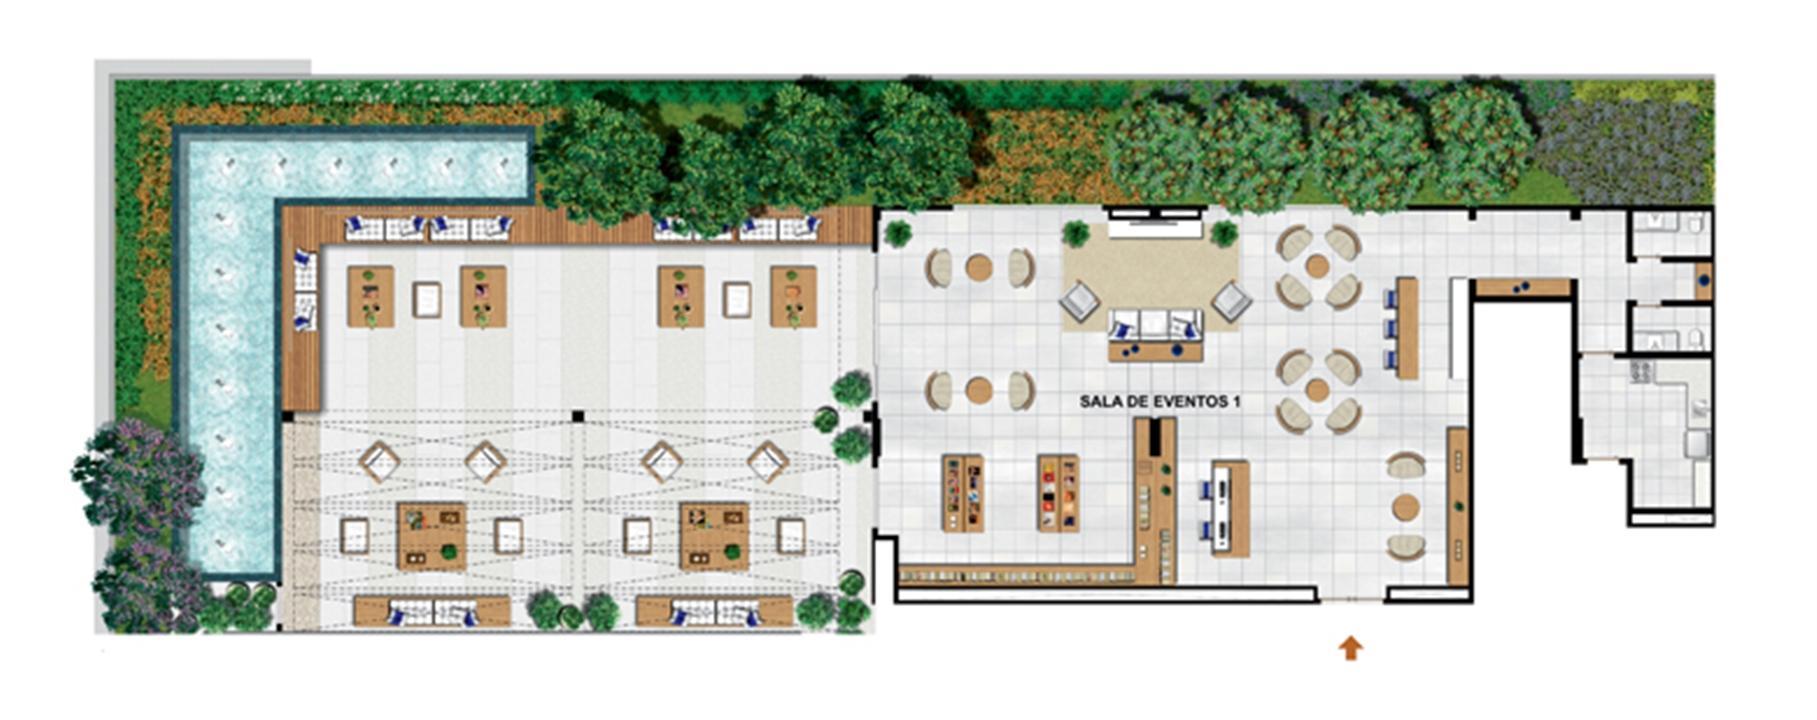 Planta de 503 m² privativos - Sky Lounge | Vega – Salas Comerciaisna  Asa Norte  - Brasília - Distrito Federal